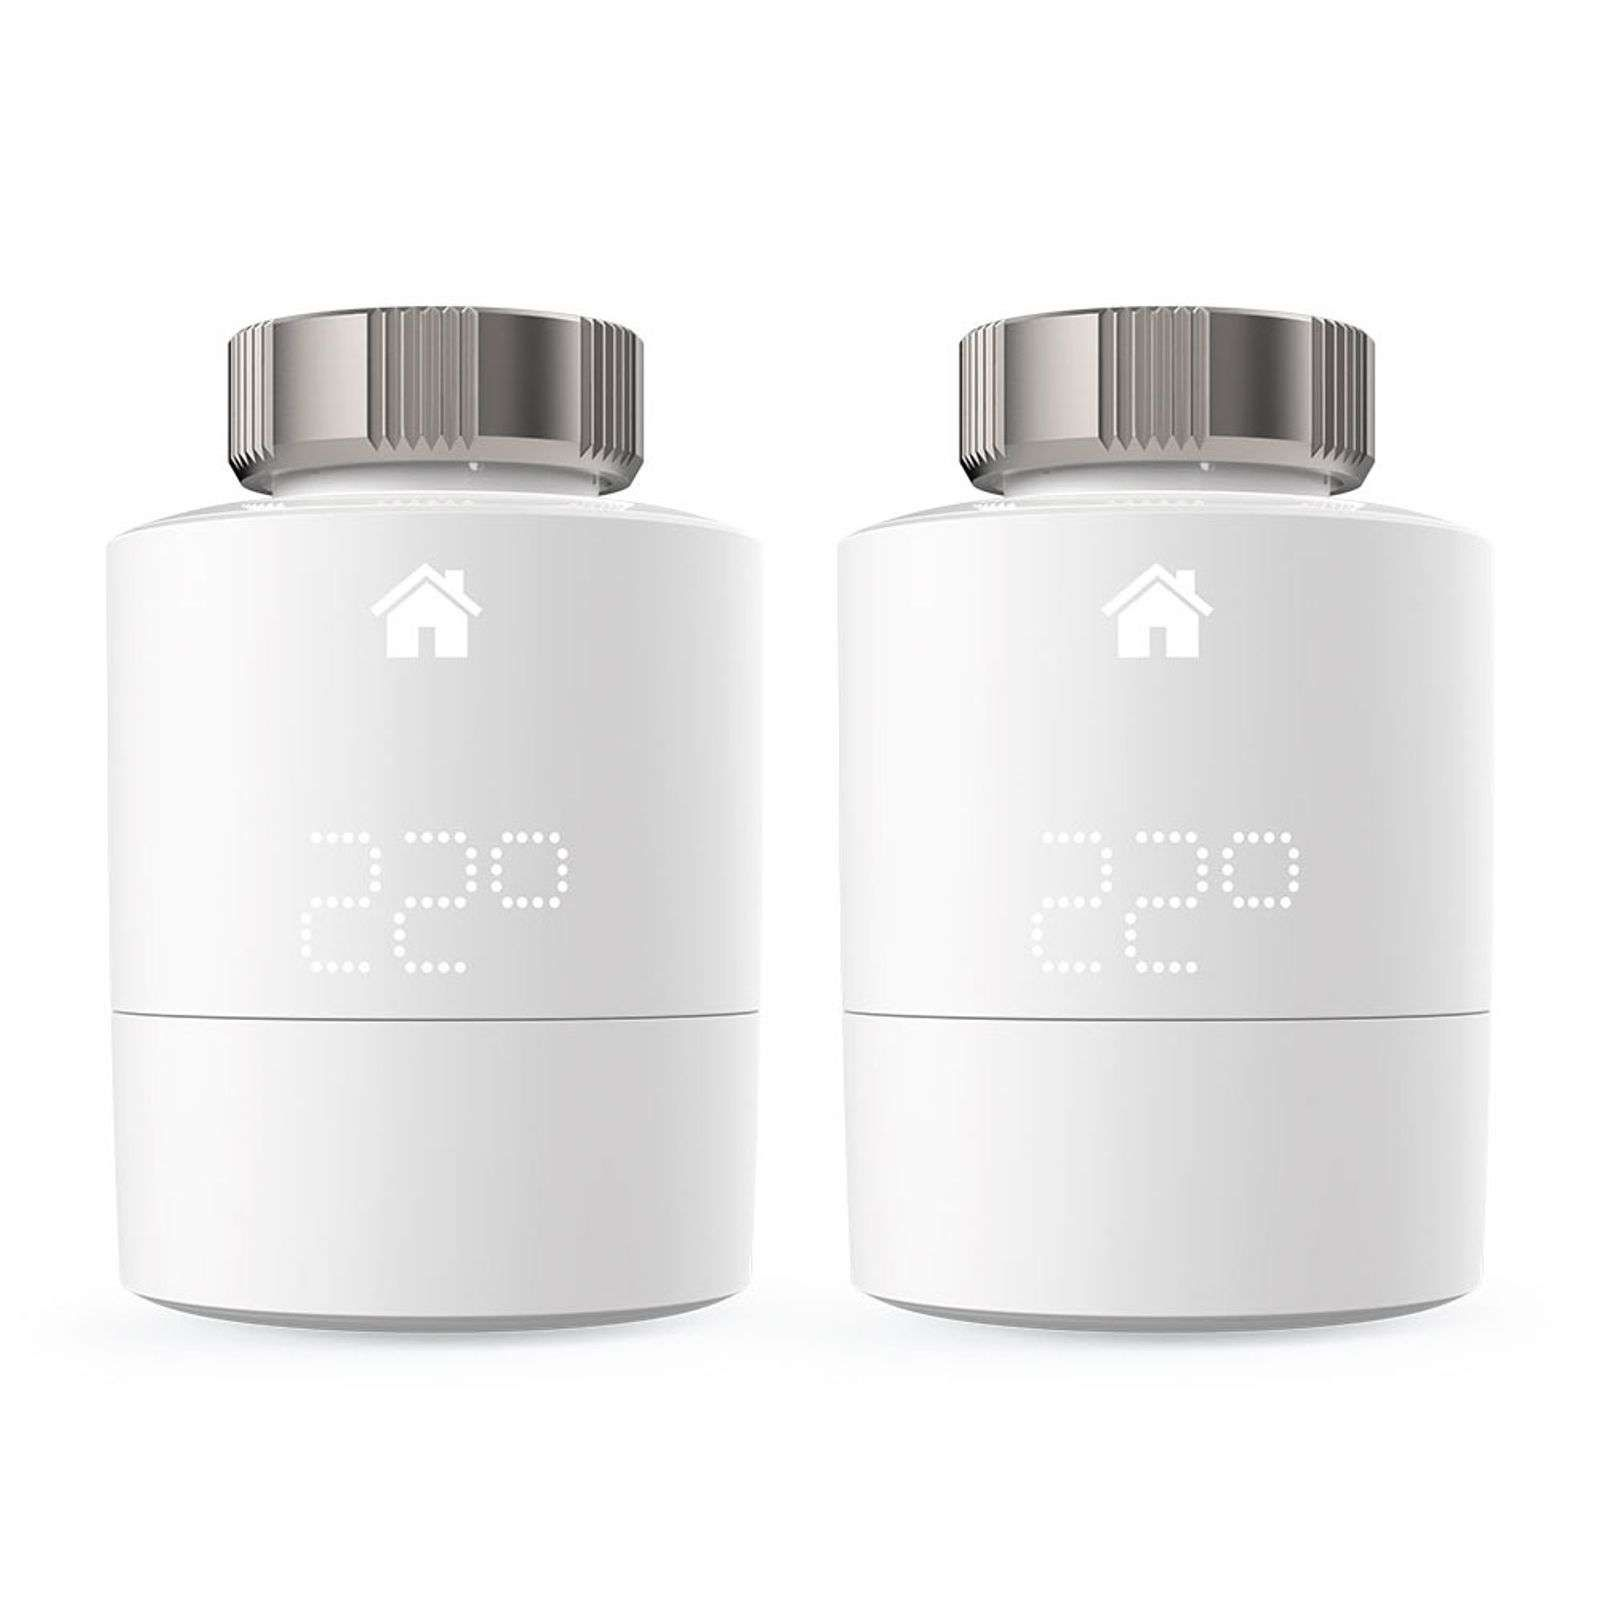 Tado Pack Duo Thermostat Chauffage Intellig Srt 2 Thermostatique Castorama Et Tete De